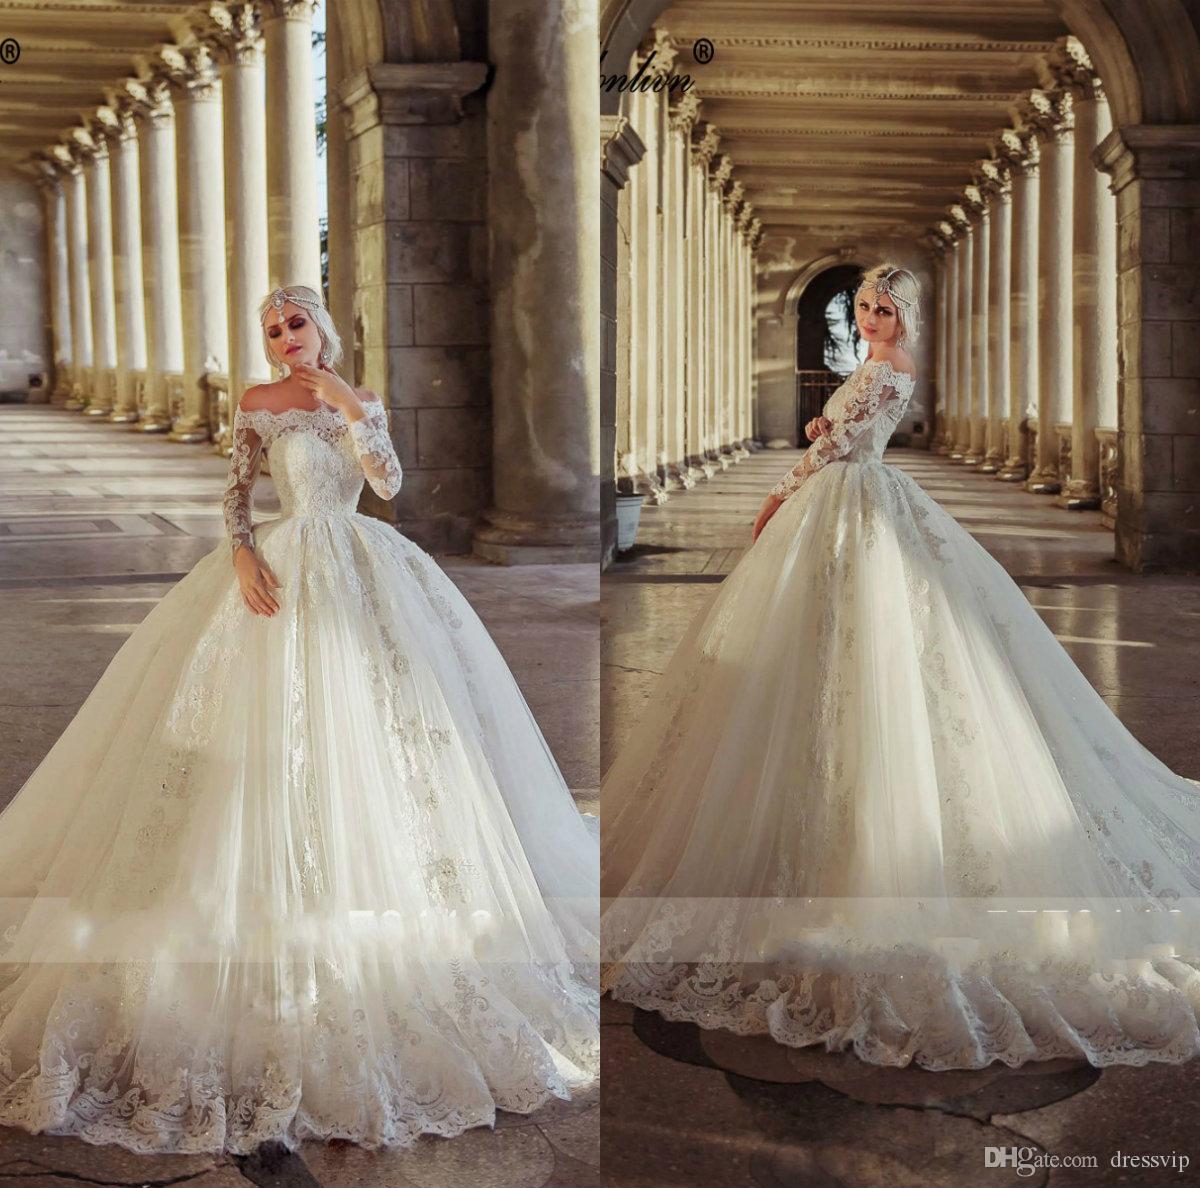 Lujo árabes largo mangas hinchadas bola Vestidos de boda del vestido de tren de barrido del hombro 2020 País vestidos de boda